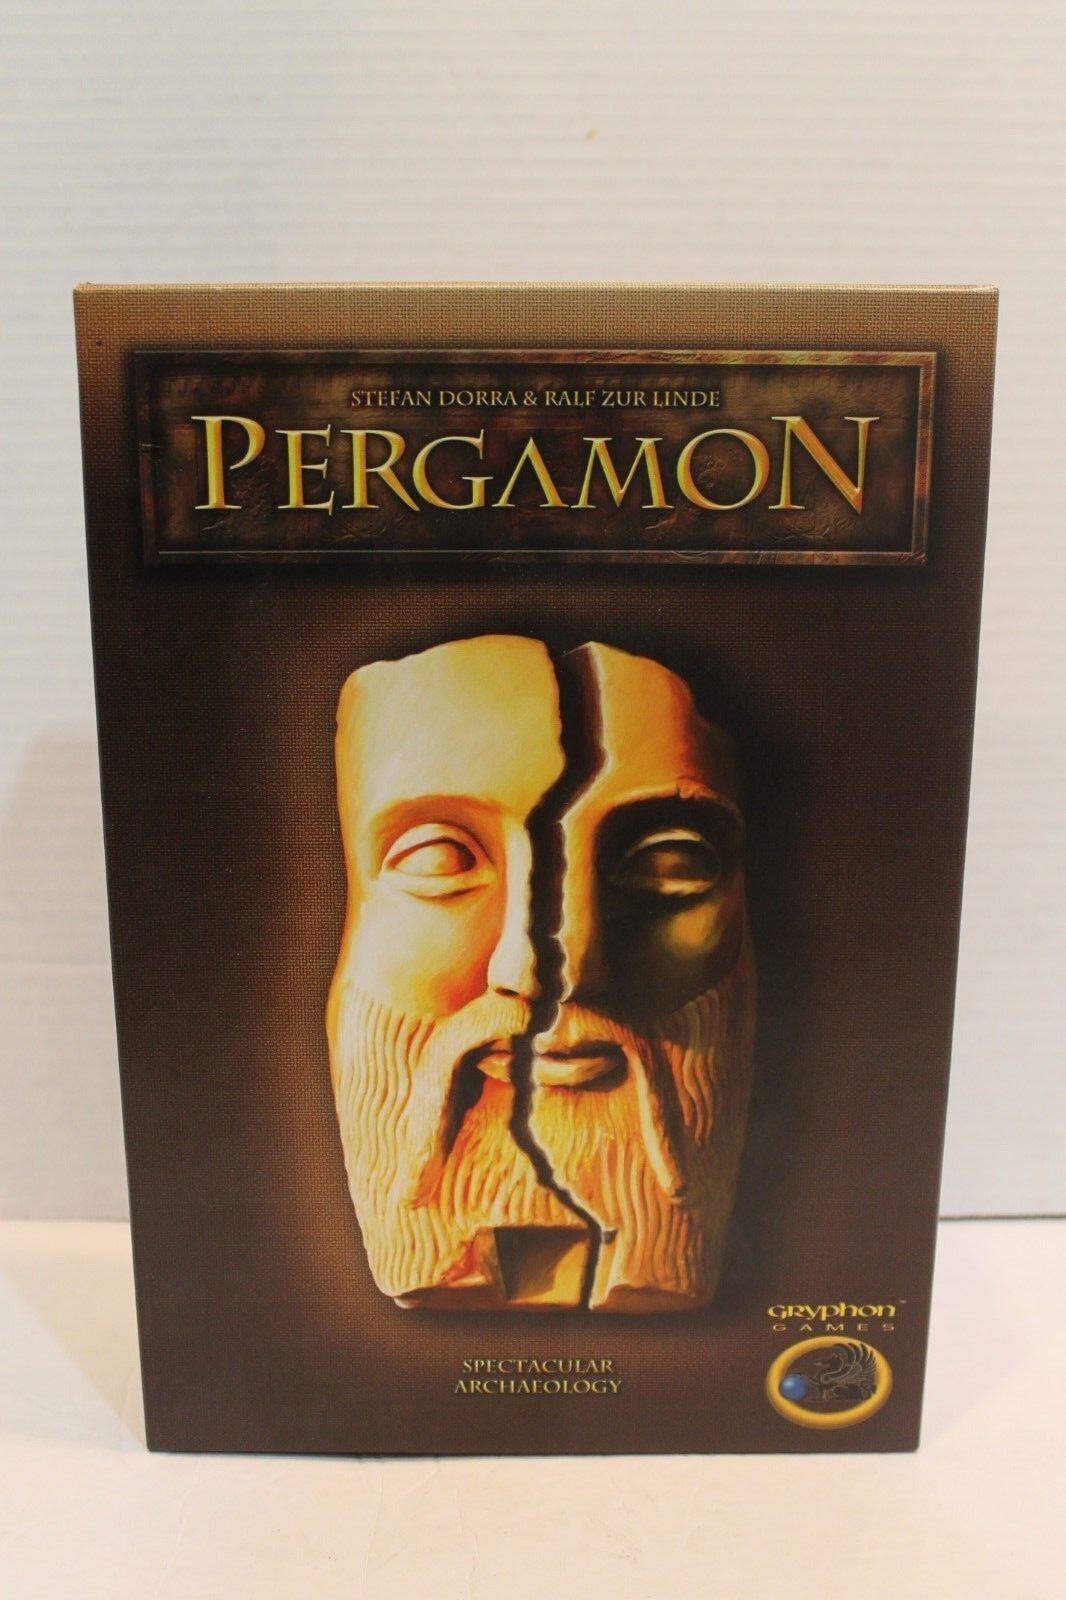 Pergamon jeu de plateau mettant Gryphon Stratégie Jeu de société Excellent box - 100% complet